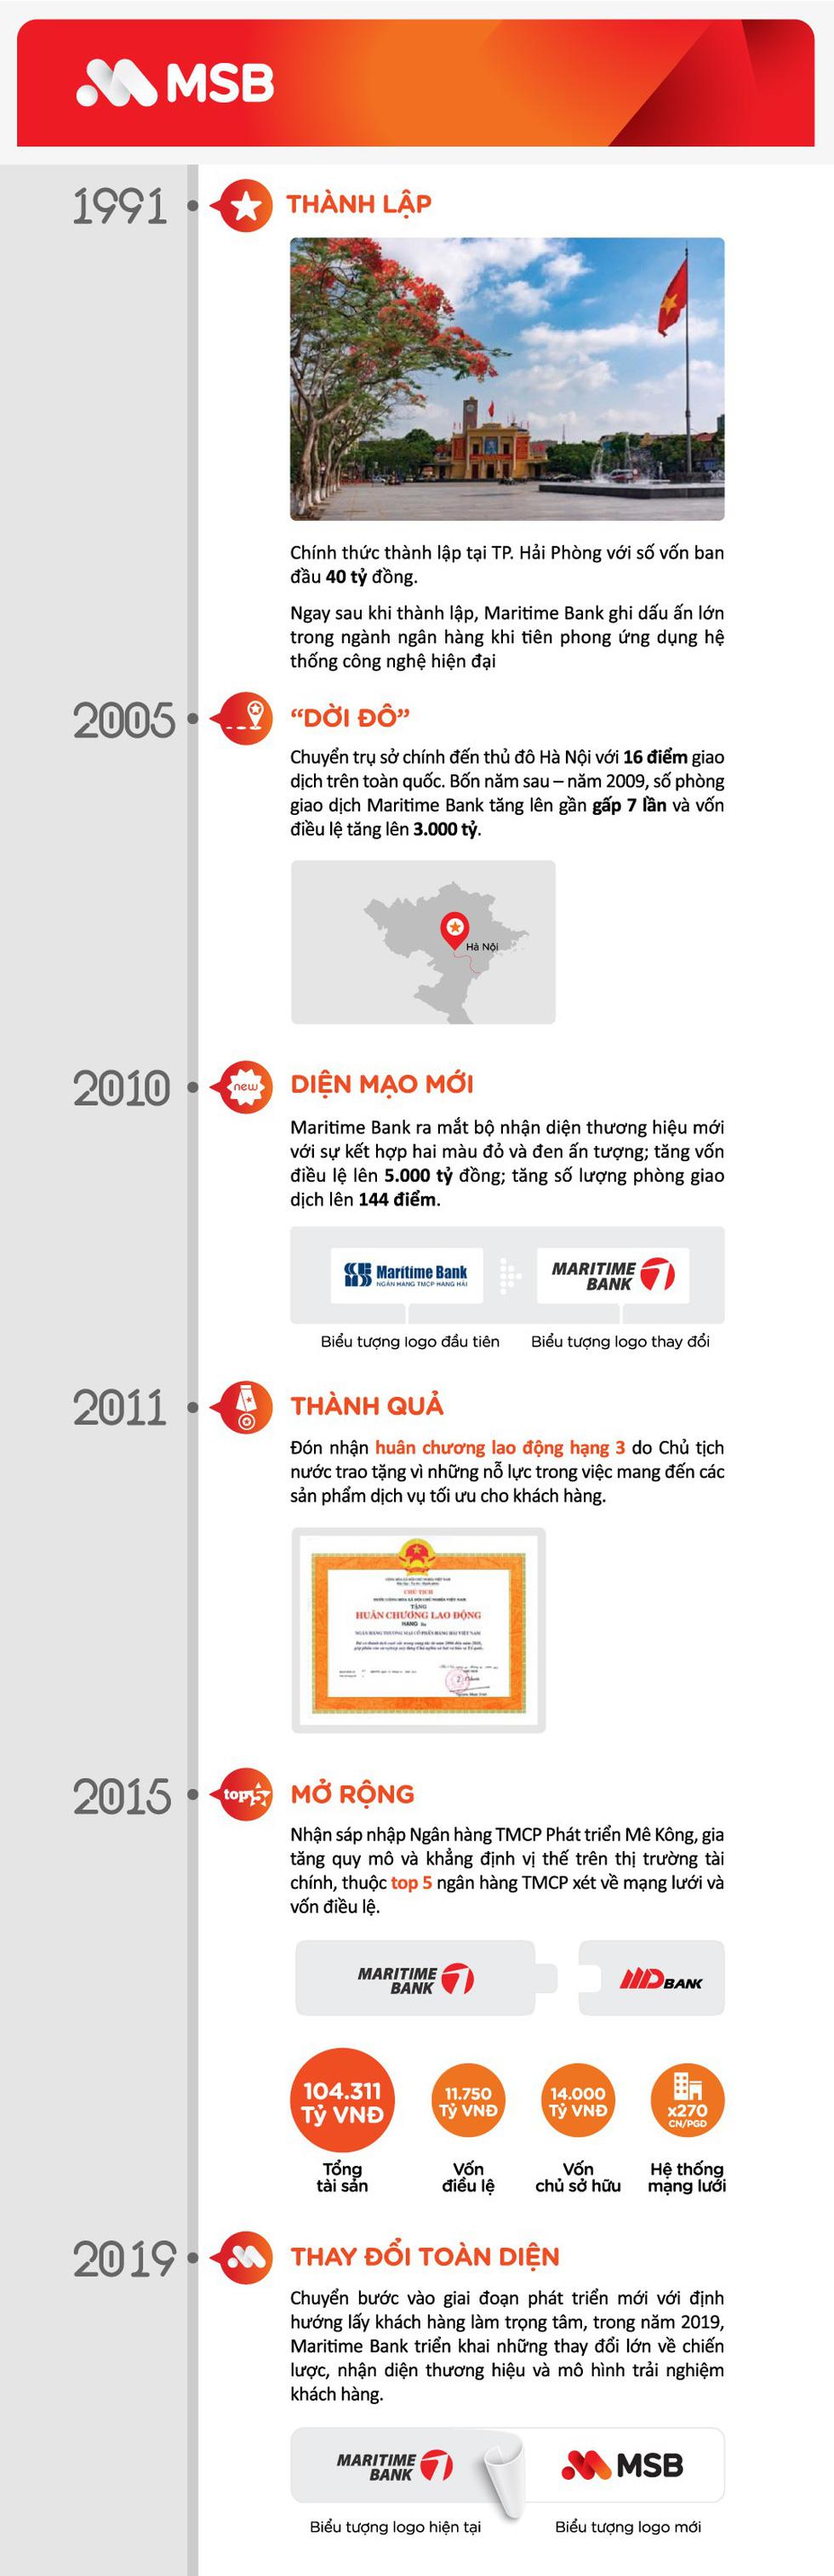 Hành trình hướng đến mục tiêu trở thành ngân hàng đáng tin cậy nhất của MSB - Ảnh 1.